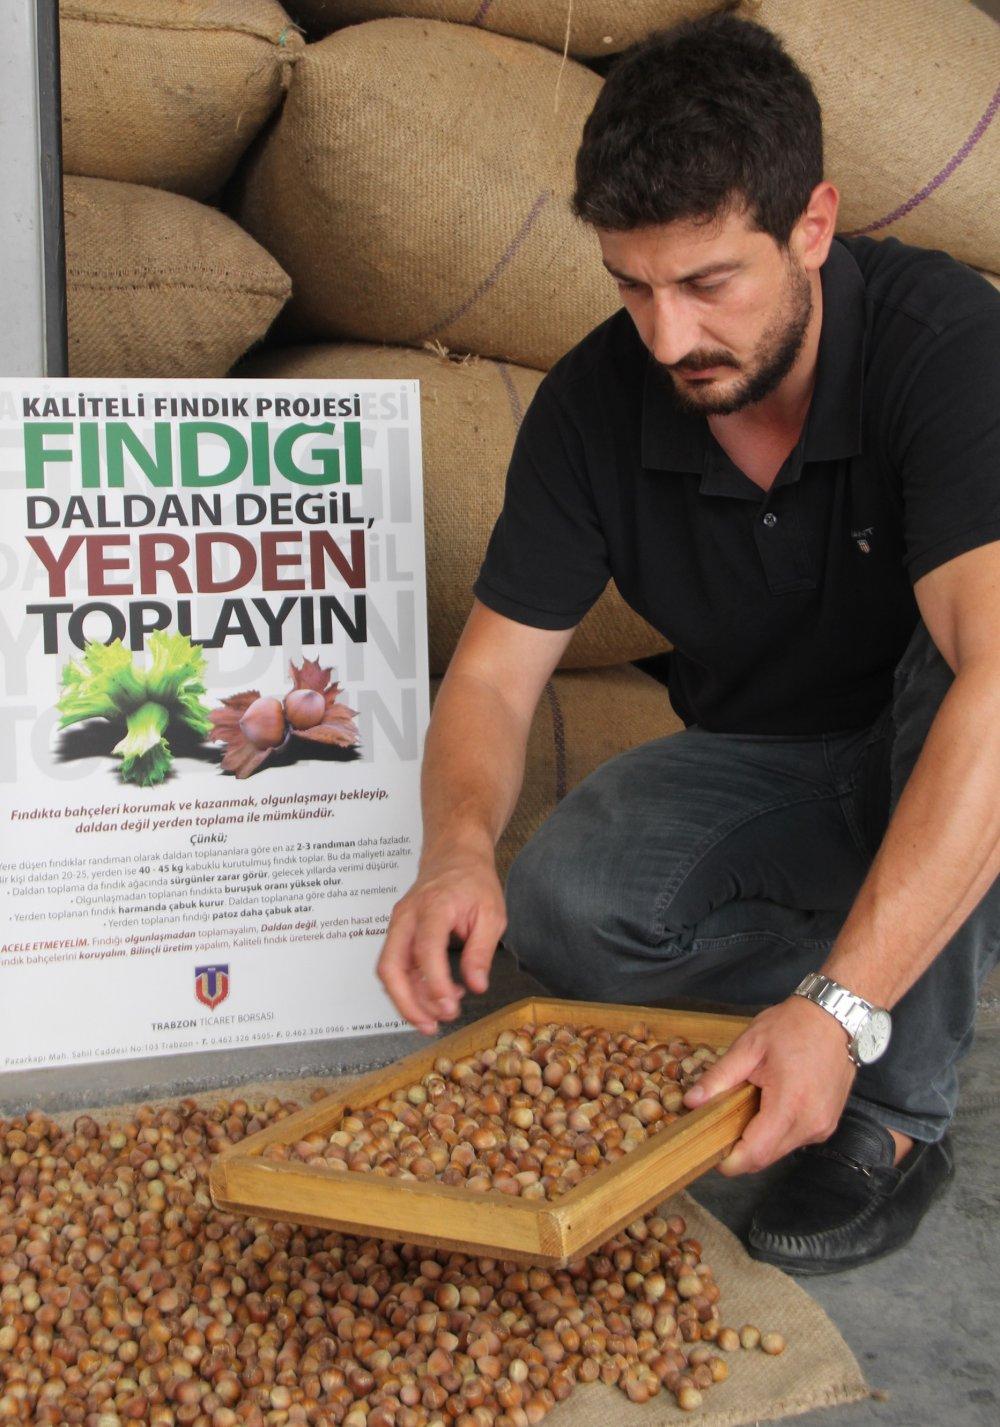 """Trabzon'da fındık üreticisine acil çağrı! """"Daldan değil, yerden toplayın"""""""